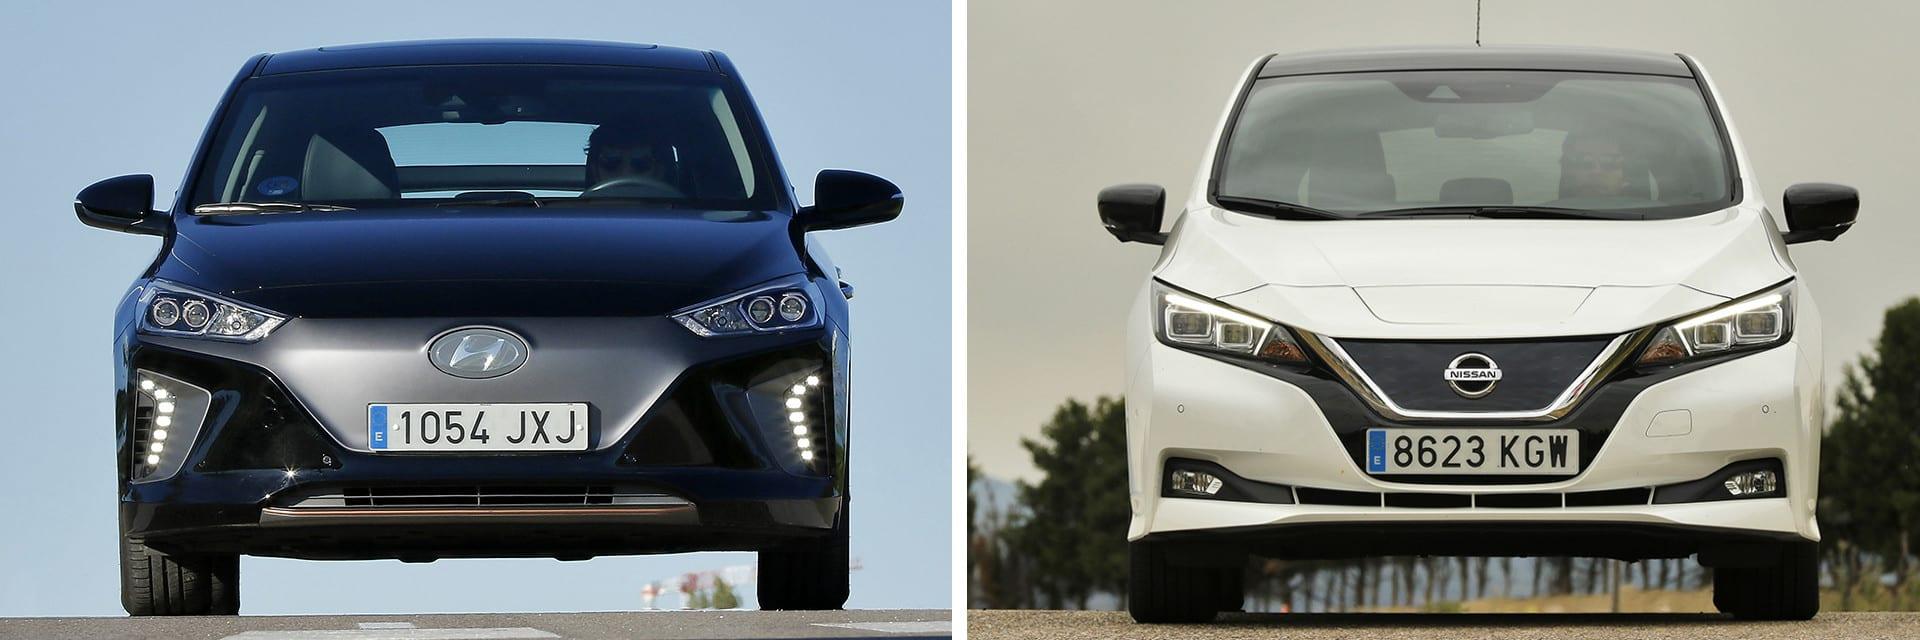 Tanto el IONIQ (izq.) como el Leaf (dcha.) son vehículos prácticamente idénticos en tamaño.